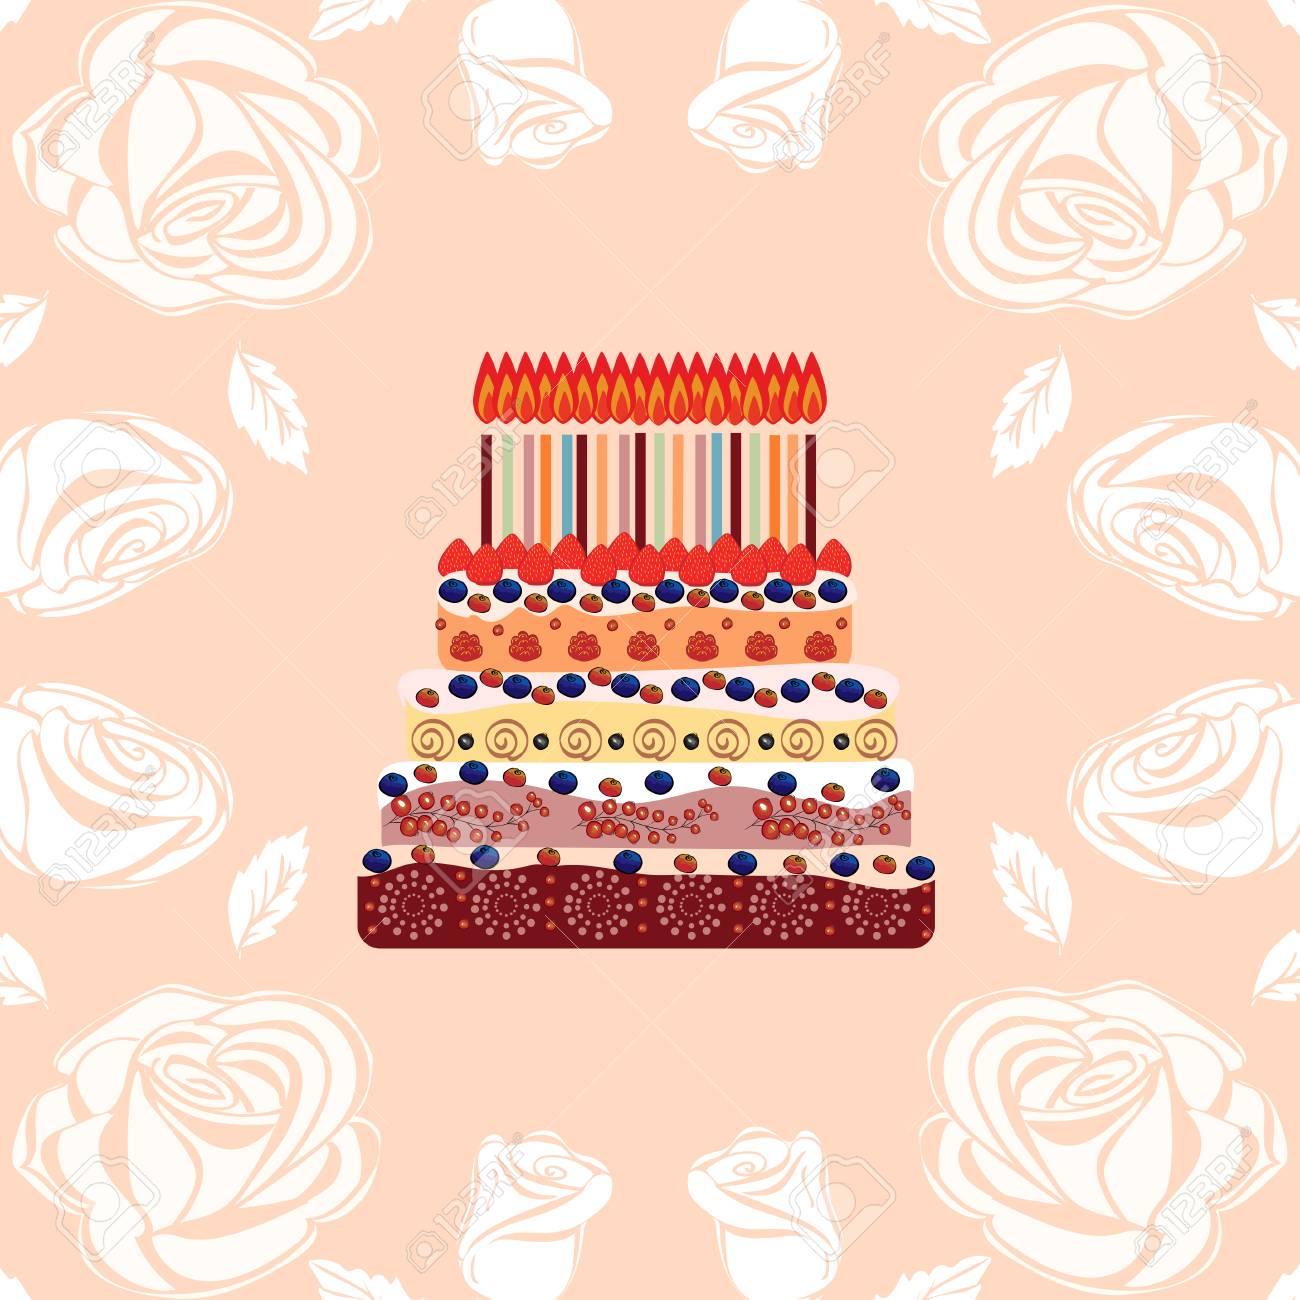 Gâteau Danniversaire Avec Dix Huit Bougies Dix Huit Ans Un Gâteau Avec Des Bougies Pour Son Anniversaire Fêtes Et Célébrations